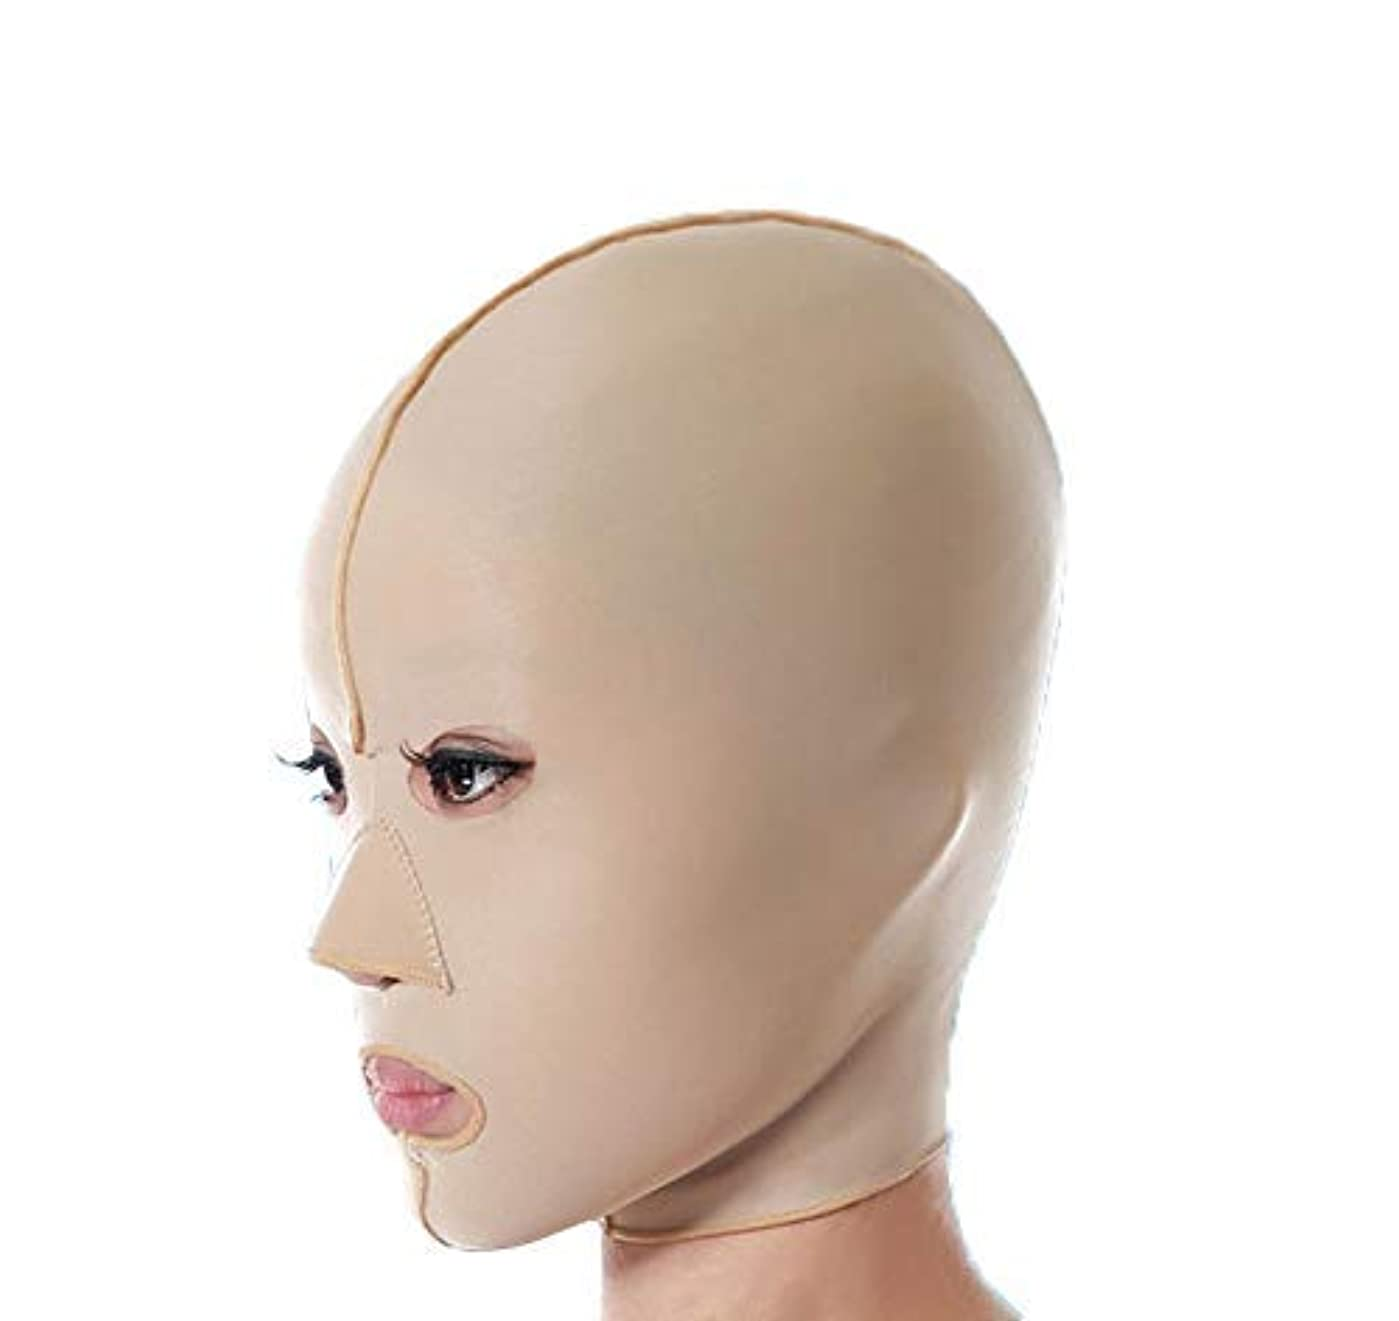 ニコチン数値コンクリートファーミングフェイスマスク、フェイシャルマスク医学強力なフェイスマスクアーティファクト美容垂れ防止法パターンフェイシャルリフティングファーミングフルフェイスマスク(サイズ:M),S